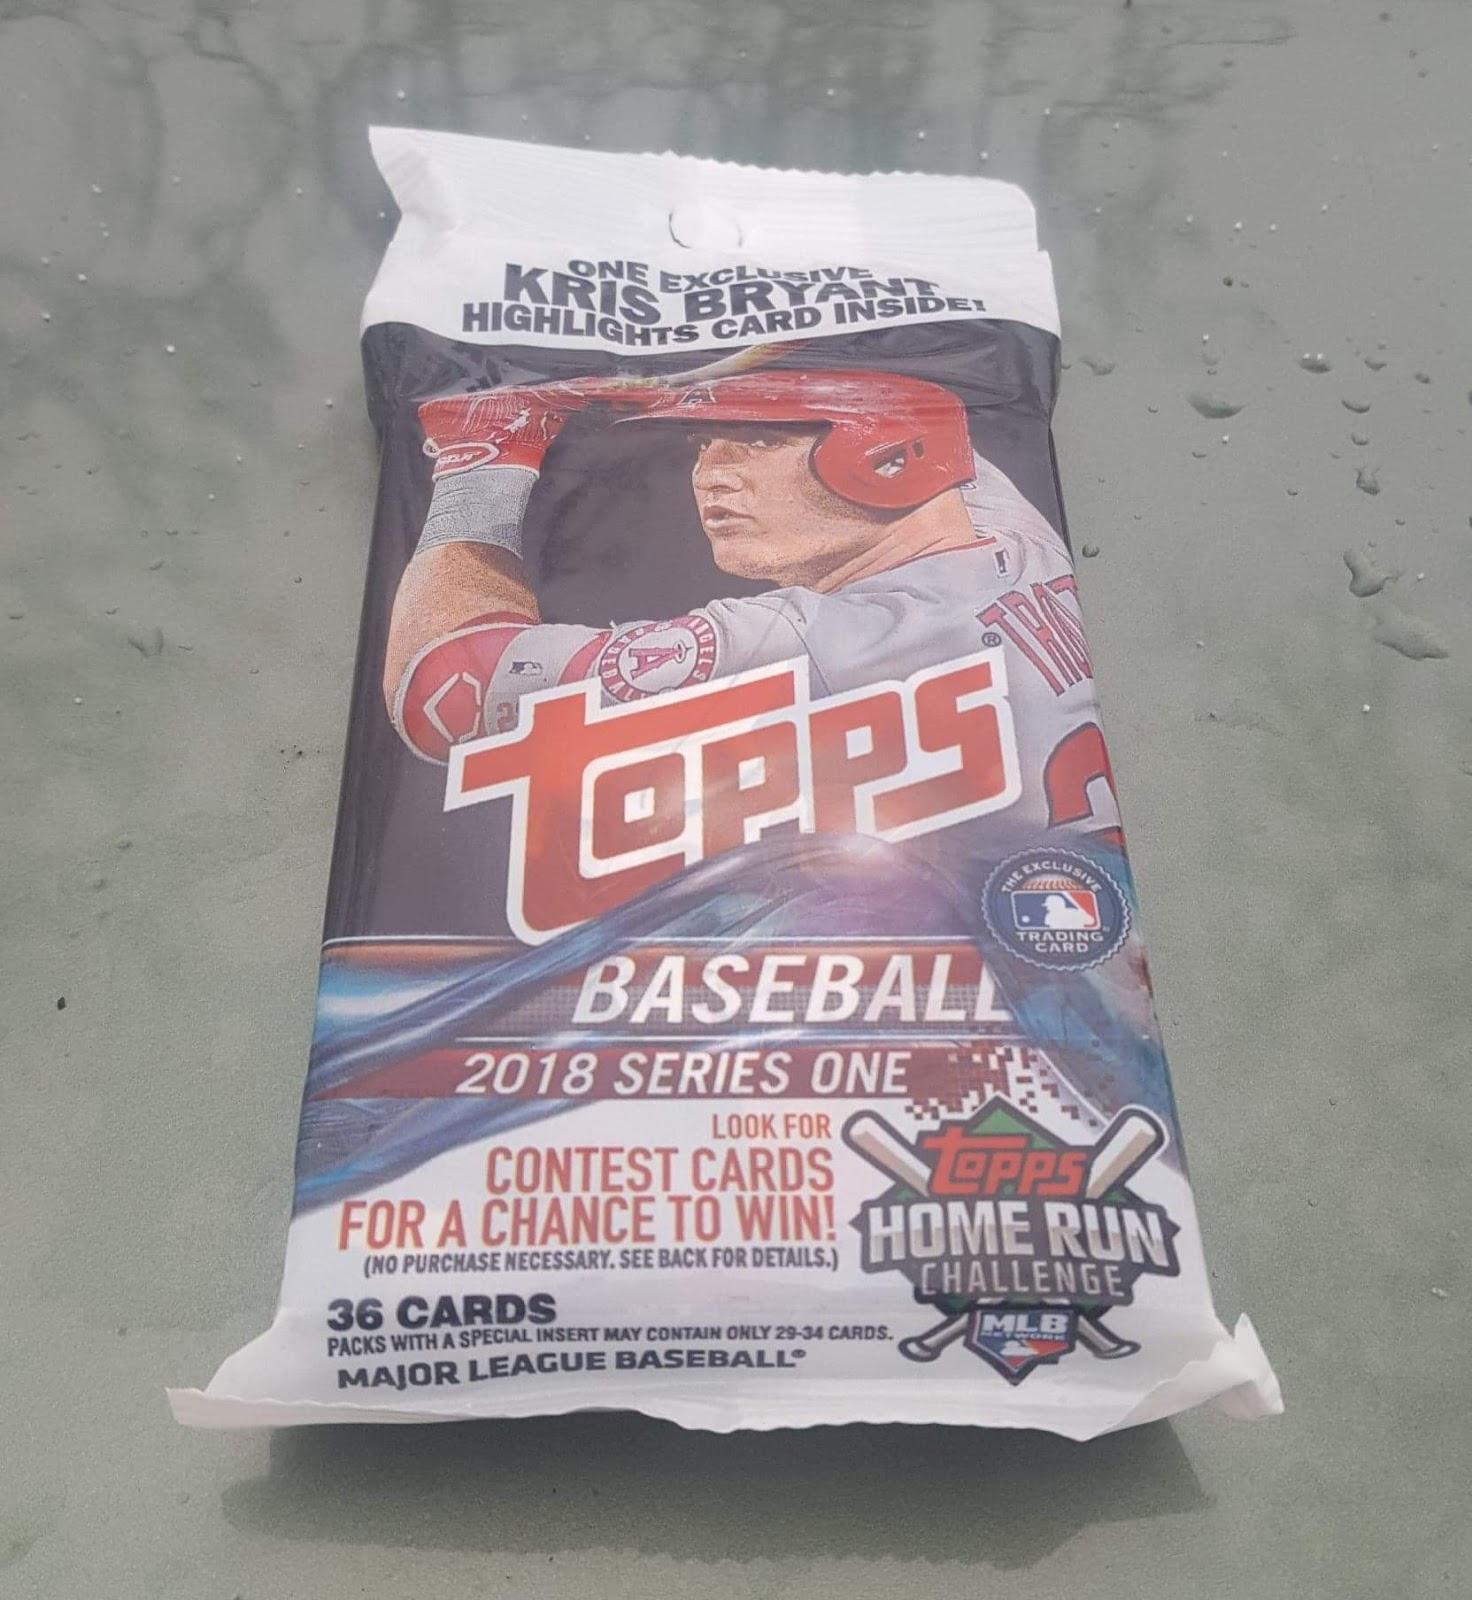 Bdj610s Topps Baseball Card Blog New Year Pack Break 2018 Topps